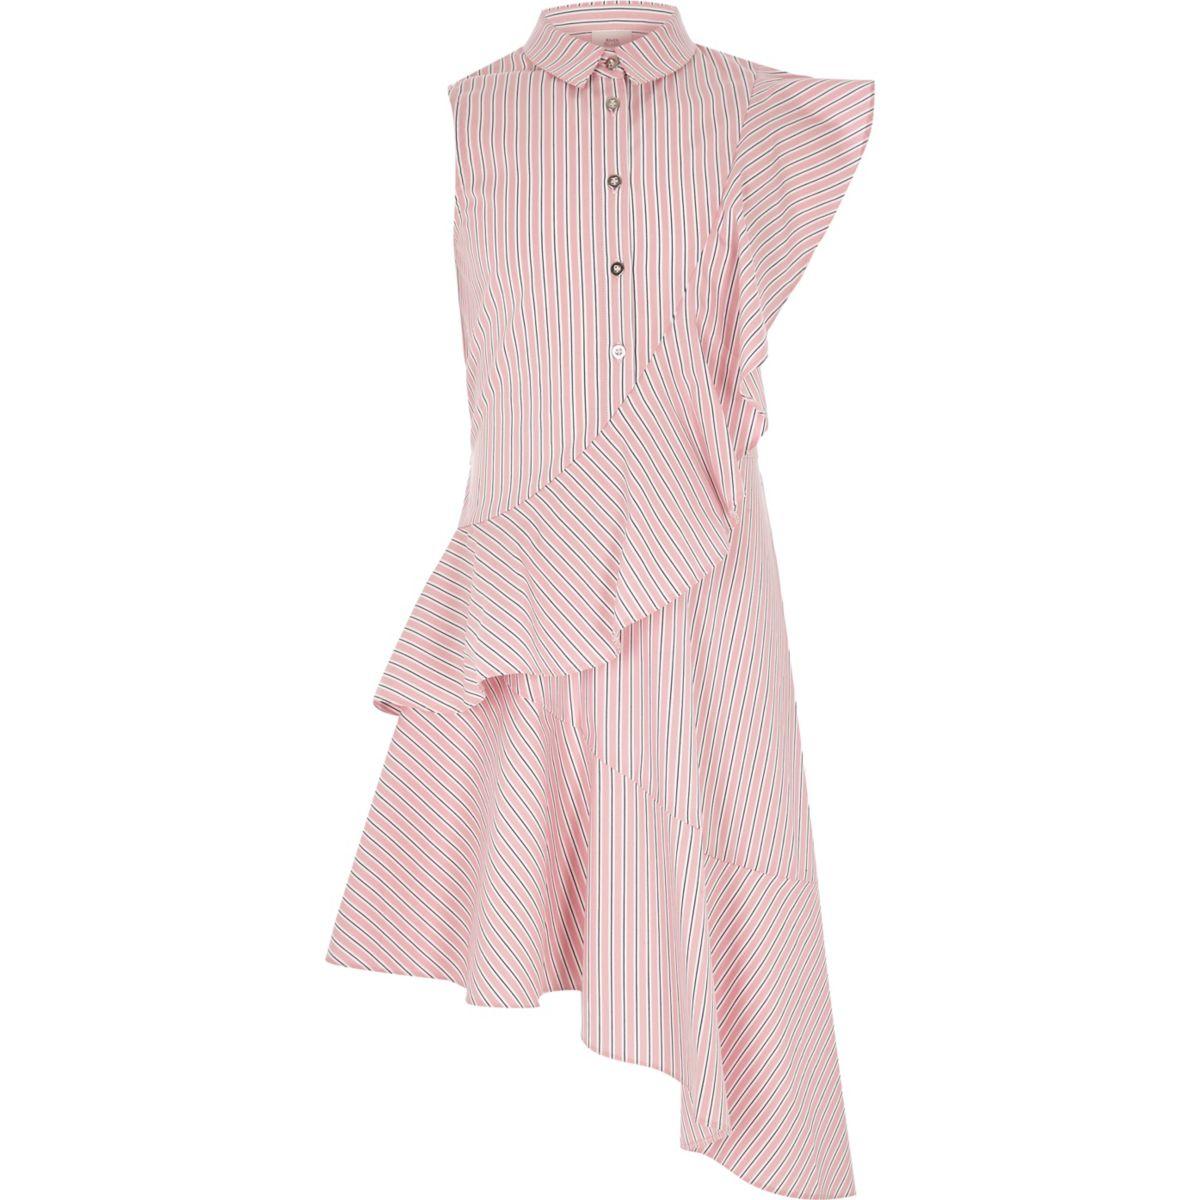 Rosa Blusenkleid mit asymmetrischem Rüschendesign